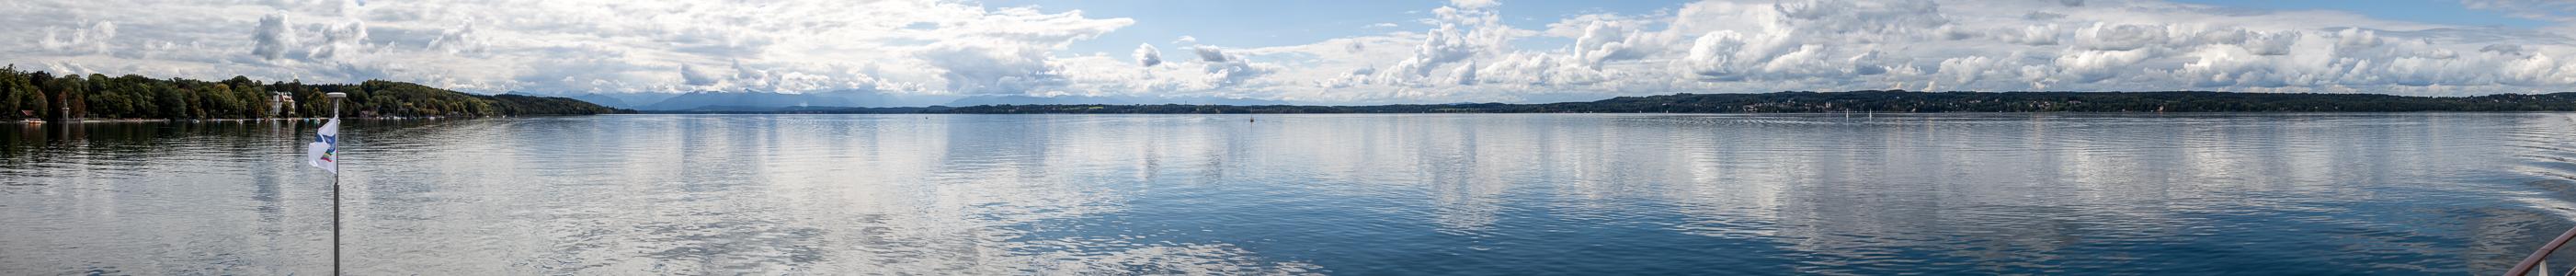 Starnberger See Blick in Richtung Süden